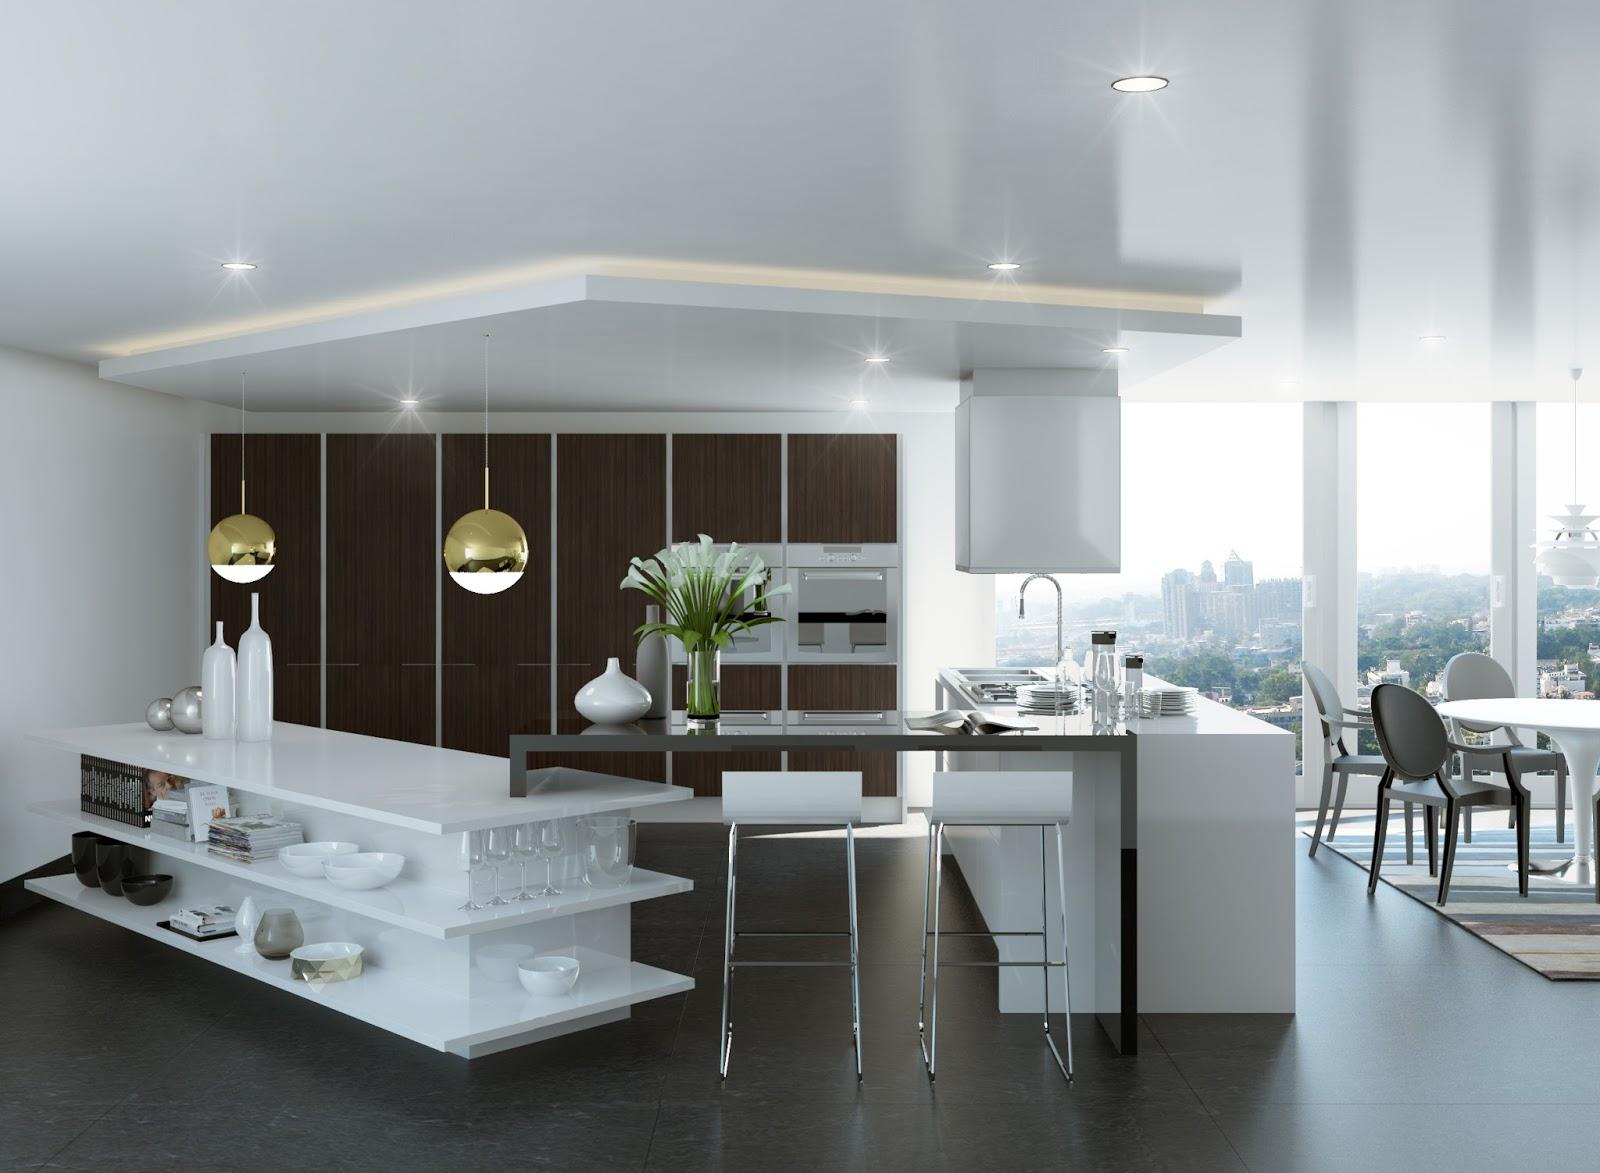 Wurfel Küche - Module Kitchens & Wardrobes  Fodyssey